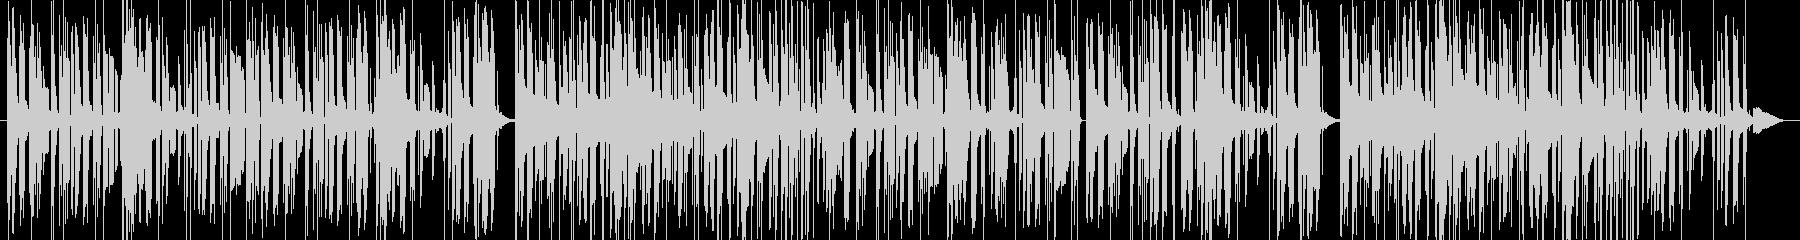 落ち着いたセクシーなビート 洋楽の未再生の波形